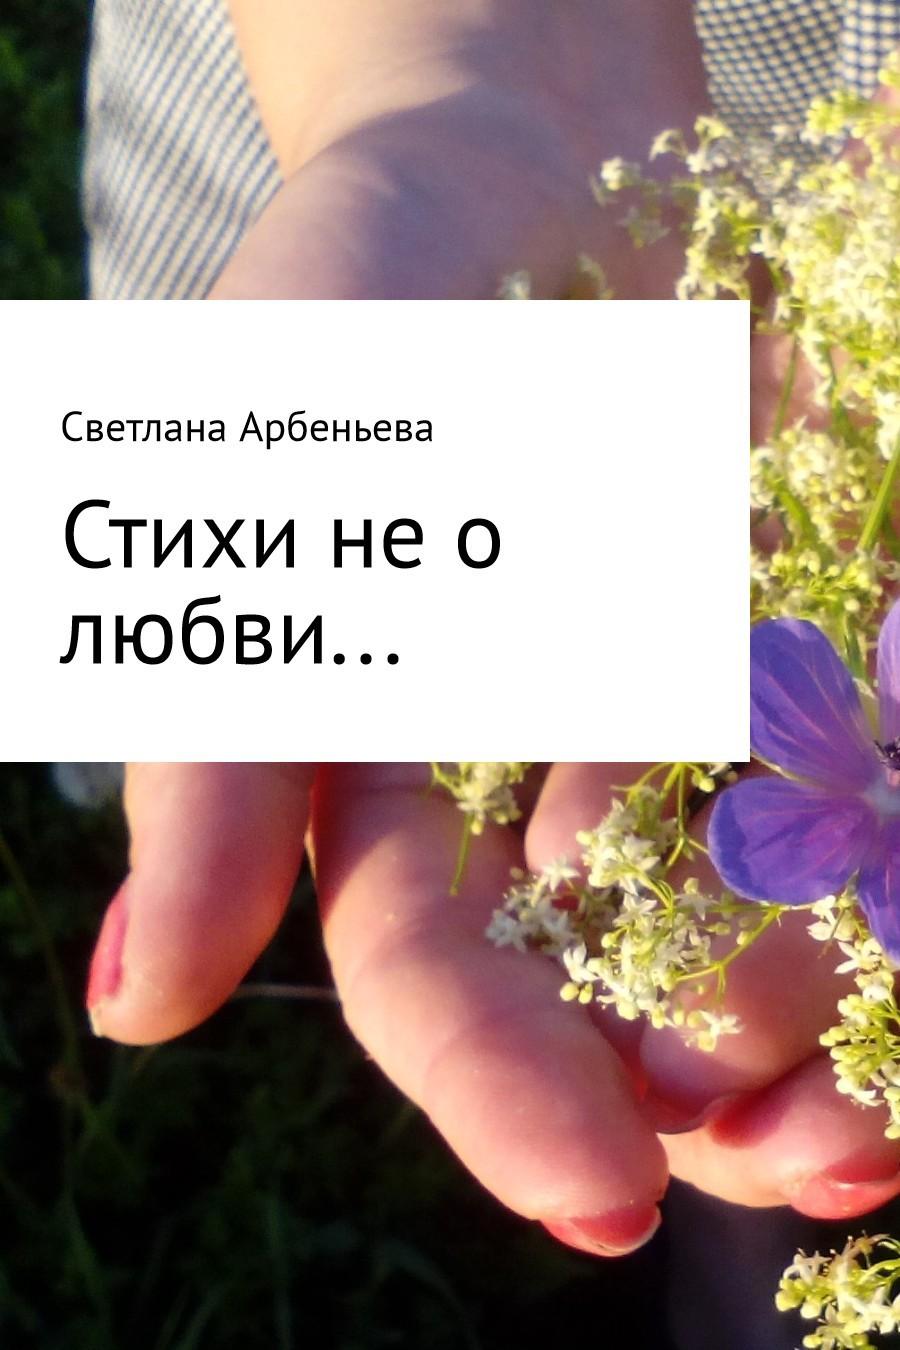 Светлана Арбеньева бесплатно